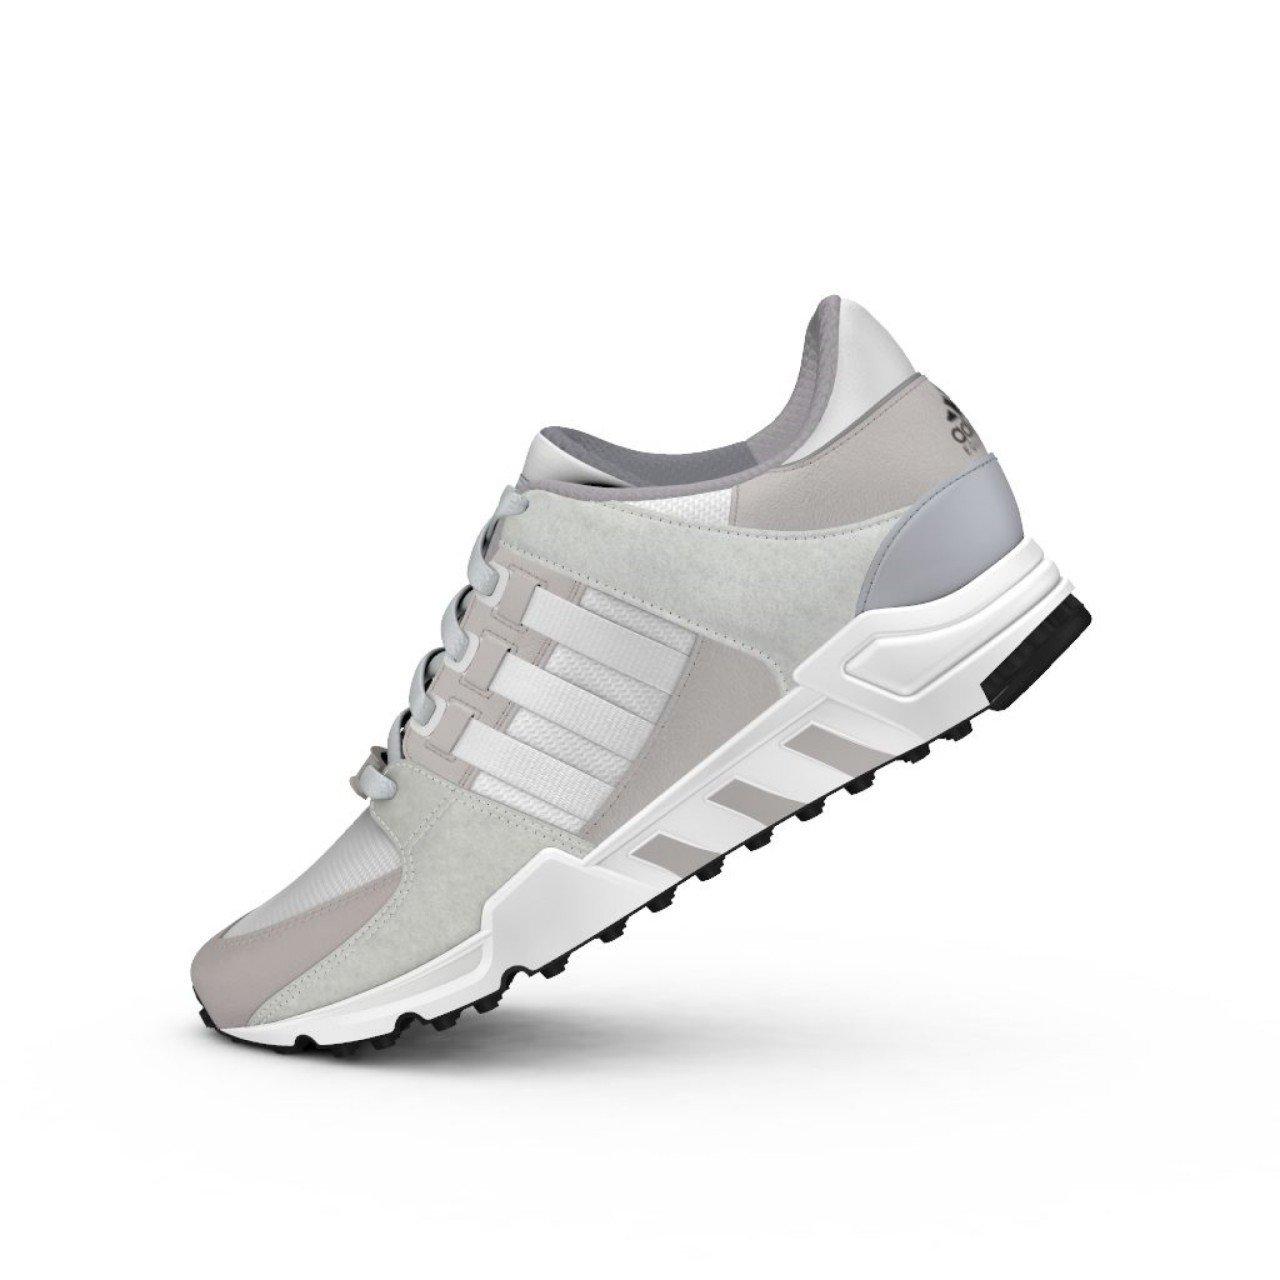 Adidas Herren Weiß EQT Support ADV Sneaker Weiß Herren 160821